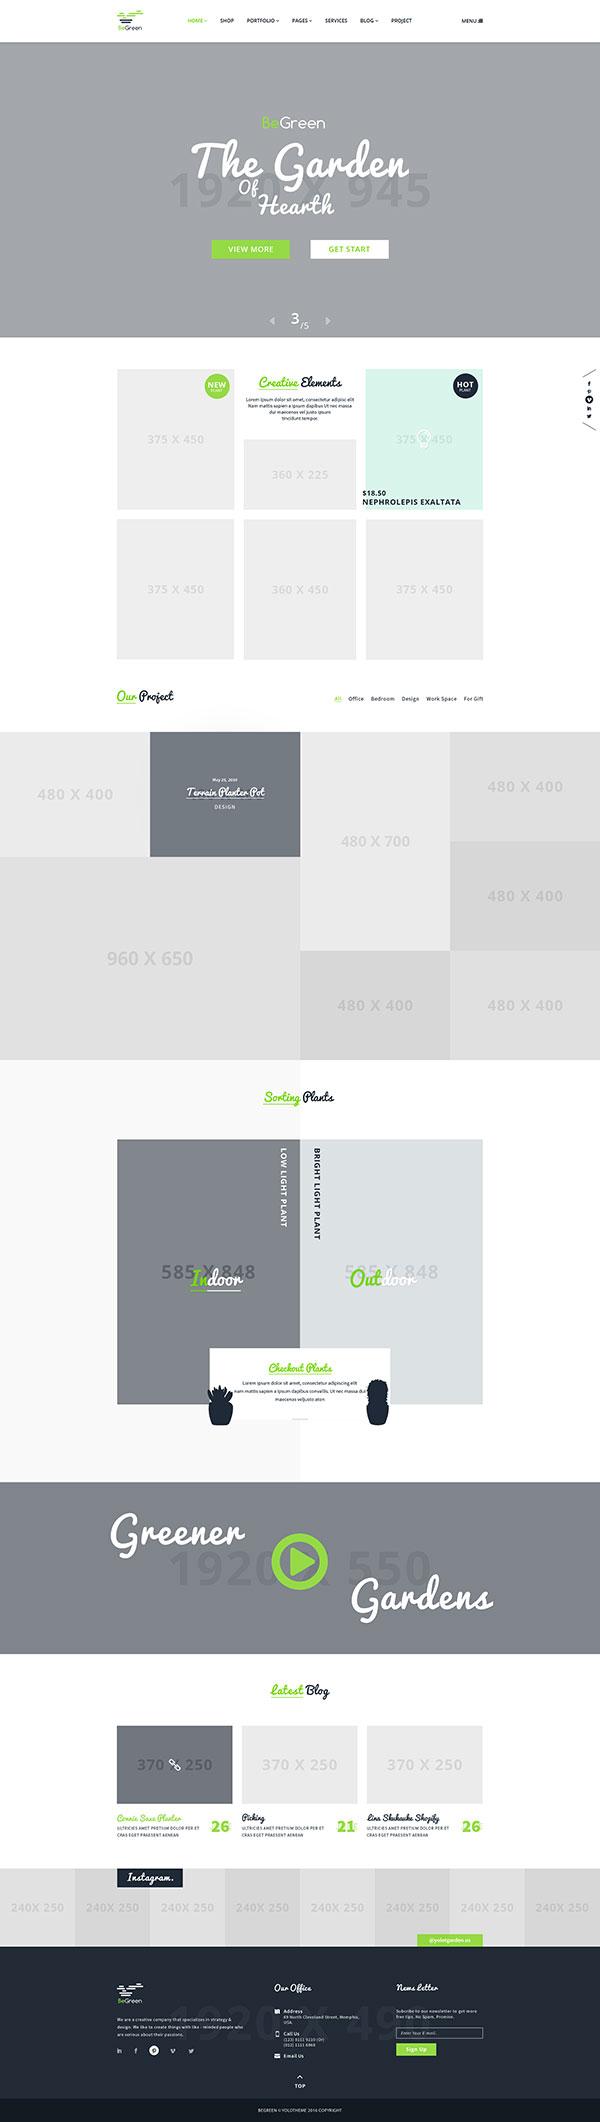 空白网站模板,精美版式设计国外网页设计模板,文艺范,个人网站,设计类